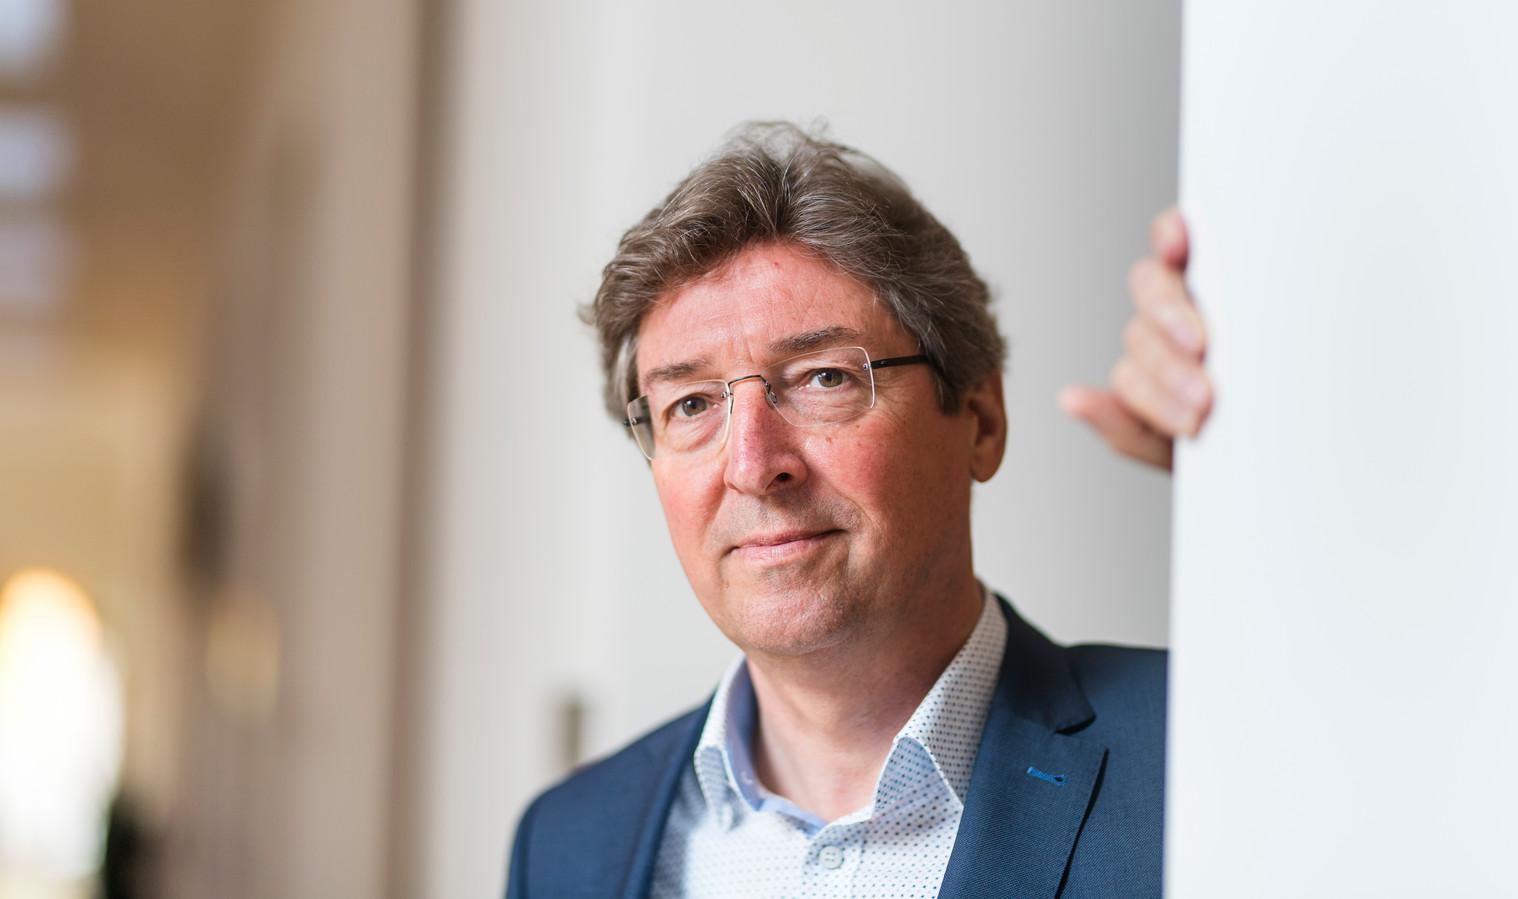 Aleid Wolfsen, voorzitter van de Autoriteit Persoonsgegevens.